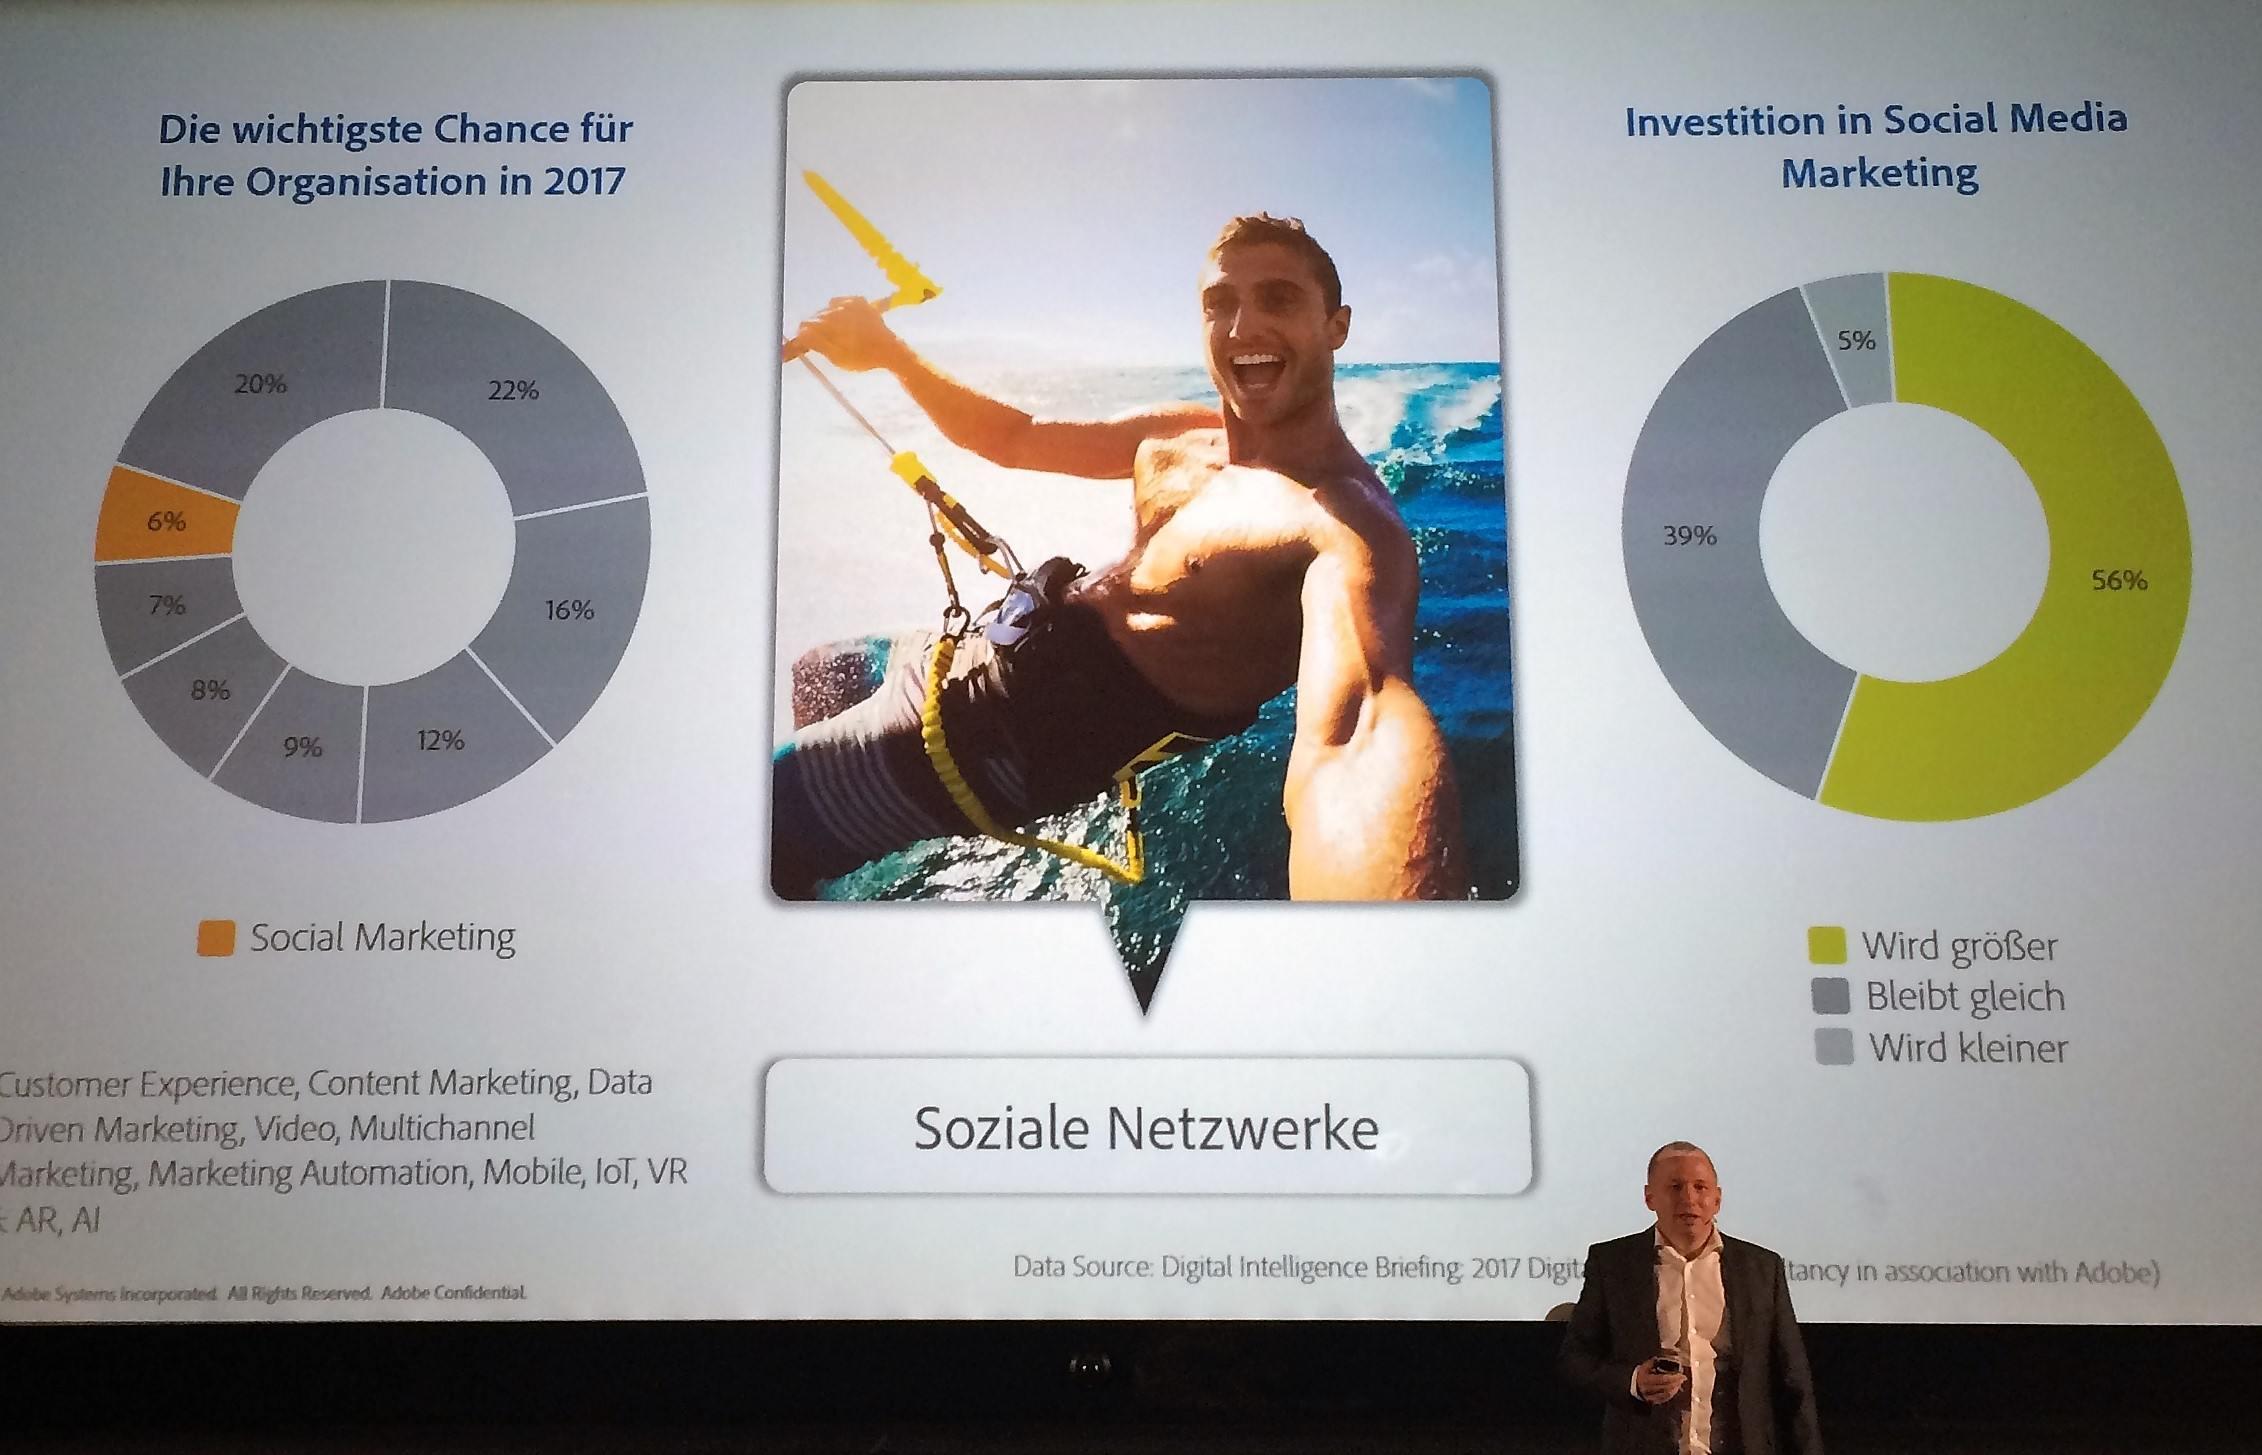 Investitionen in Social Media Marketing steigen